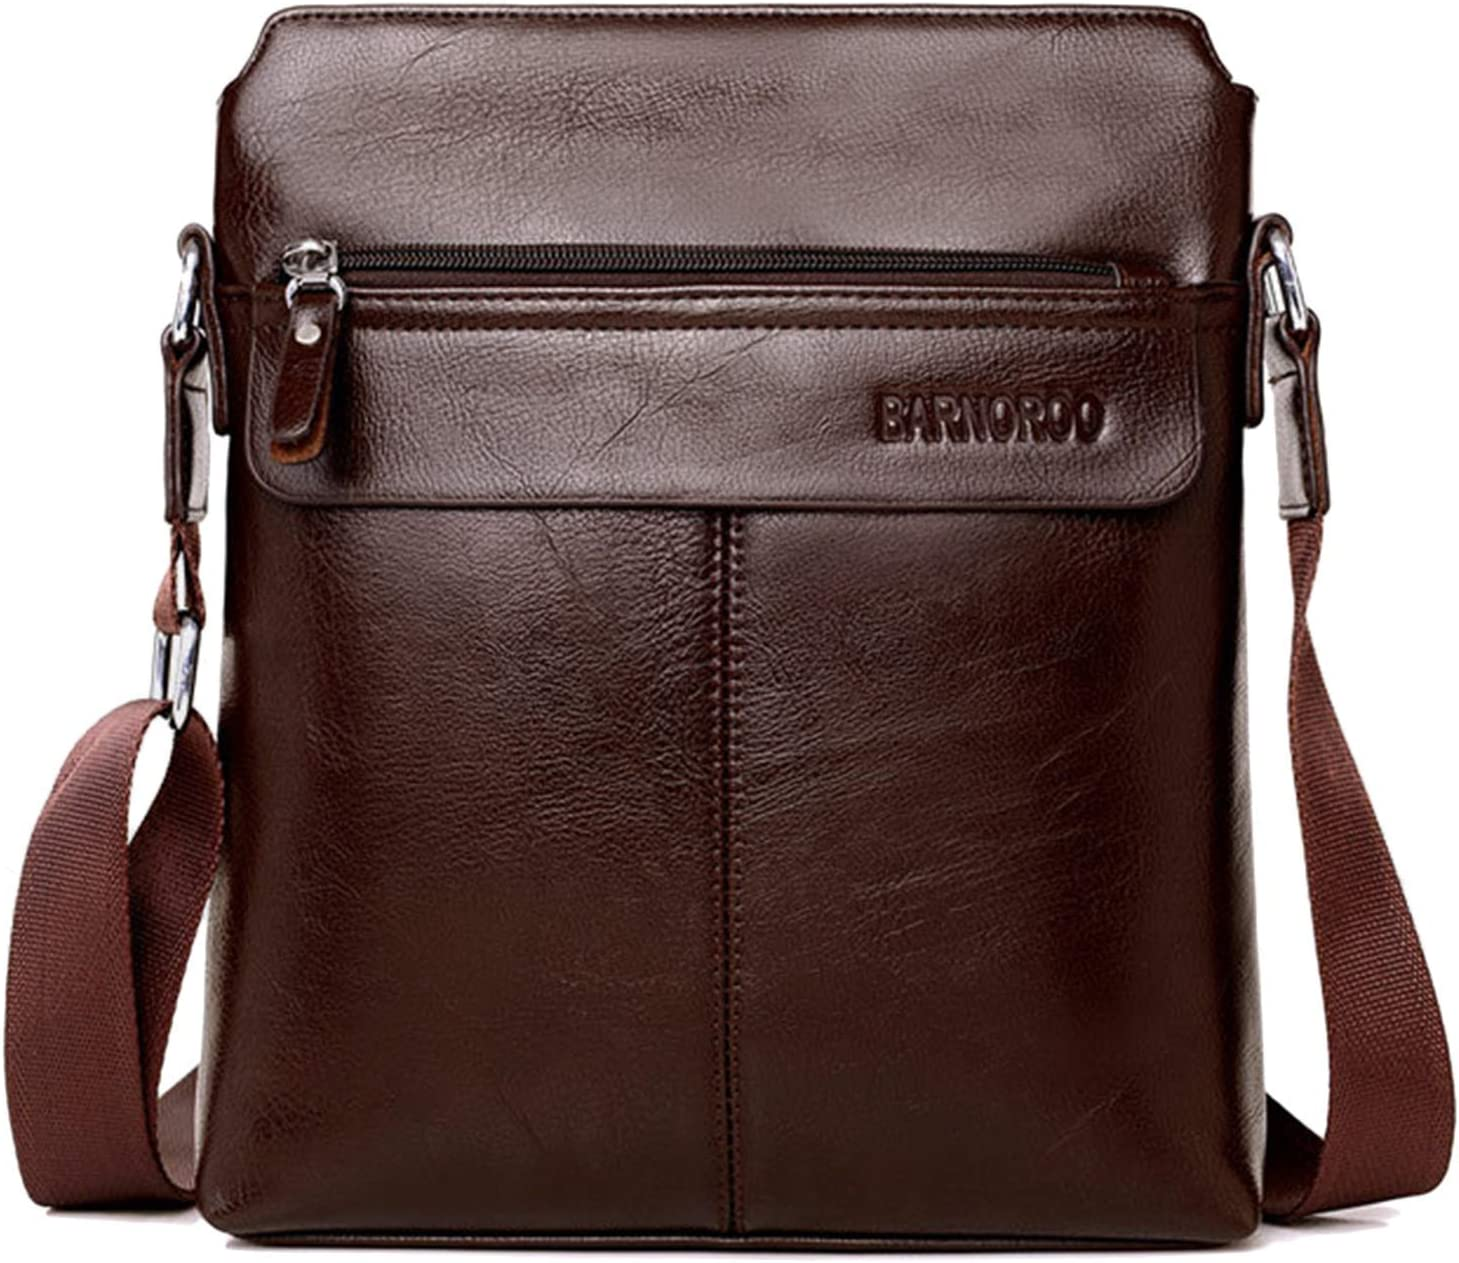 Mens Leather Shoulder Bag Messenger Briefcase CrossBody Satchel Office Work Bag Fits iPad 9.7 inch Tablets Brown